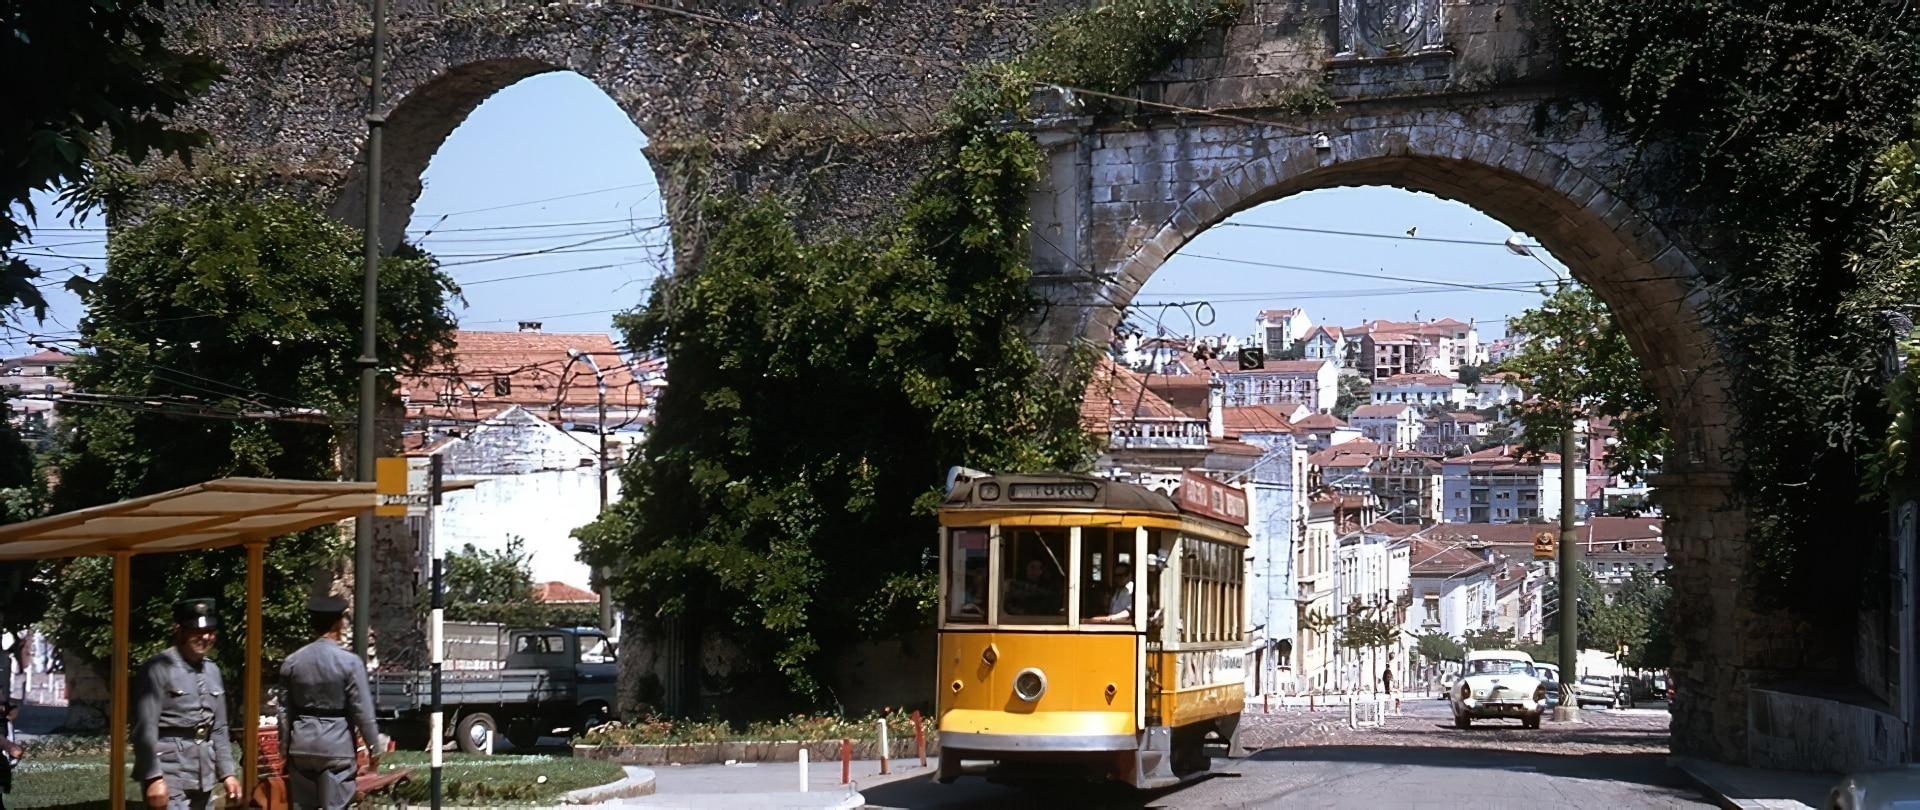 Visiter Coimbra : que faire, que voir ?